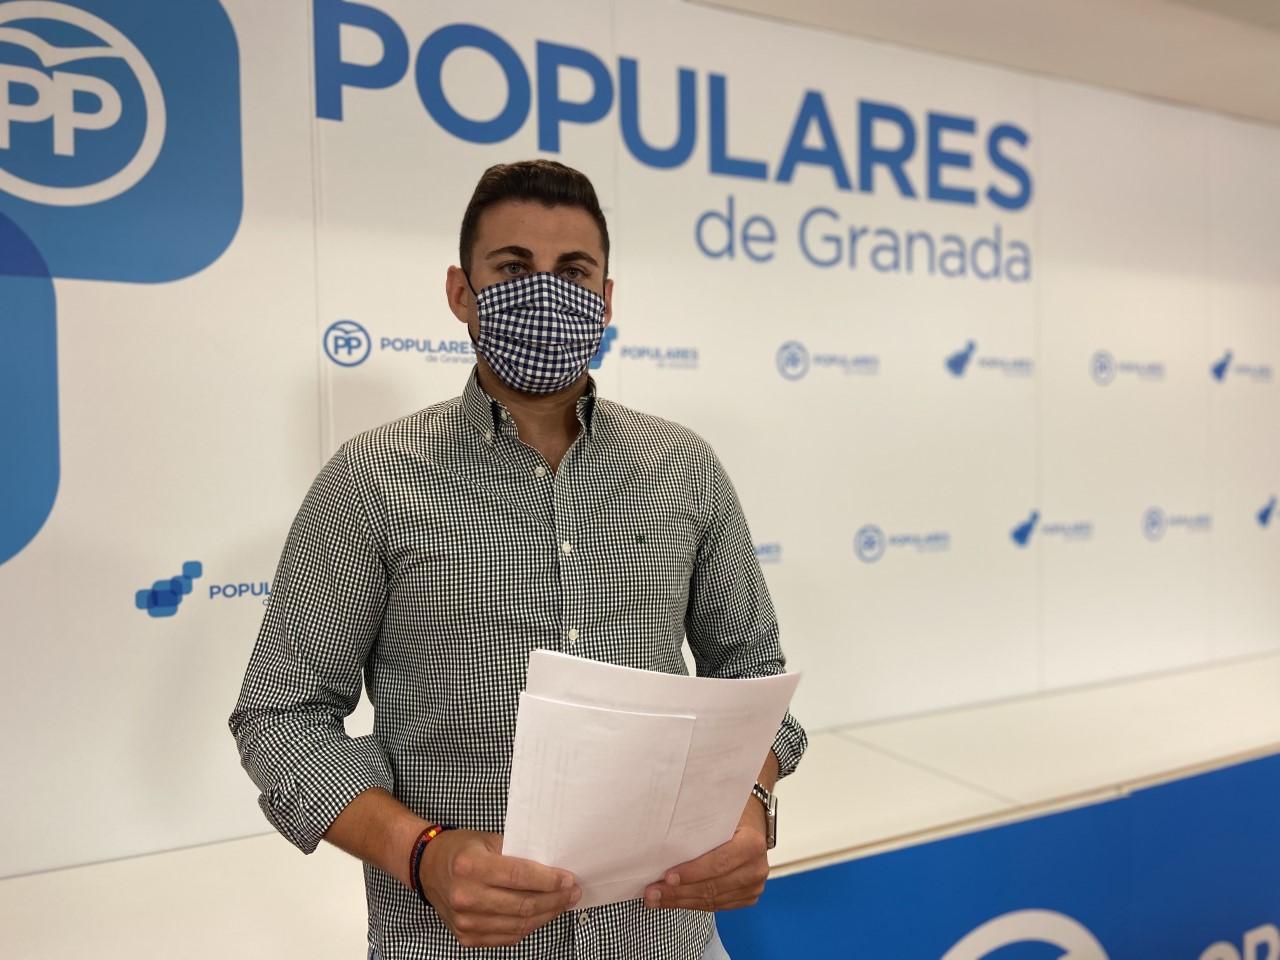 """El PP destaca el compromiso de Juanma Moreno para saldar una """"deuda histórica"""" con la sanidad pública andaluza y sus profesionales"""